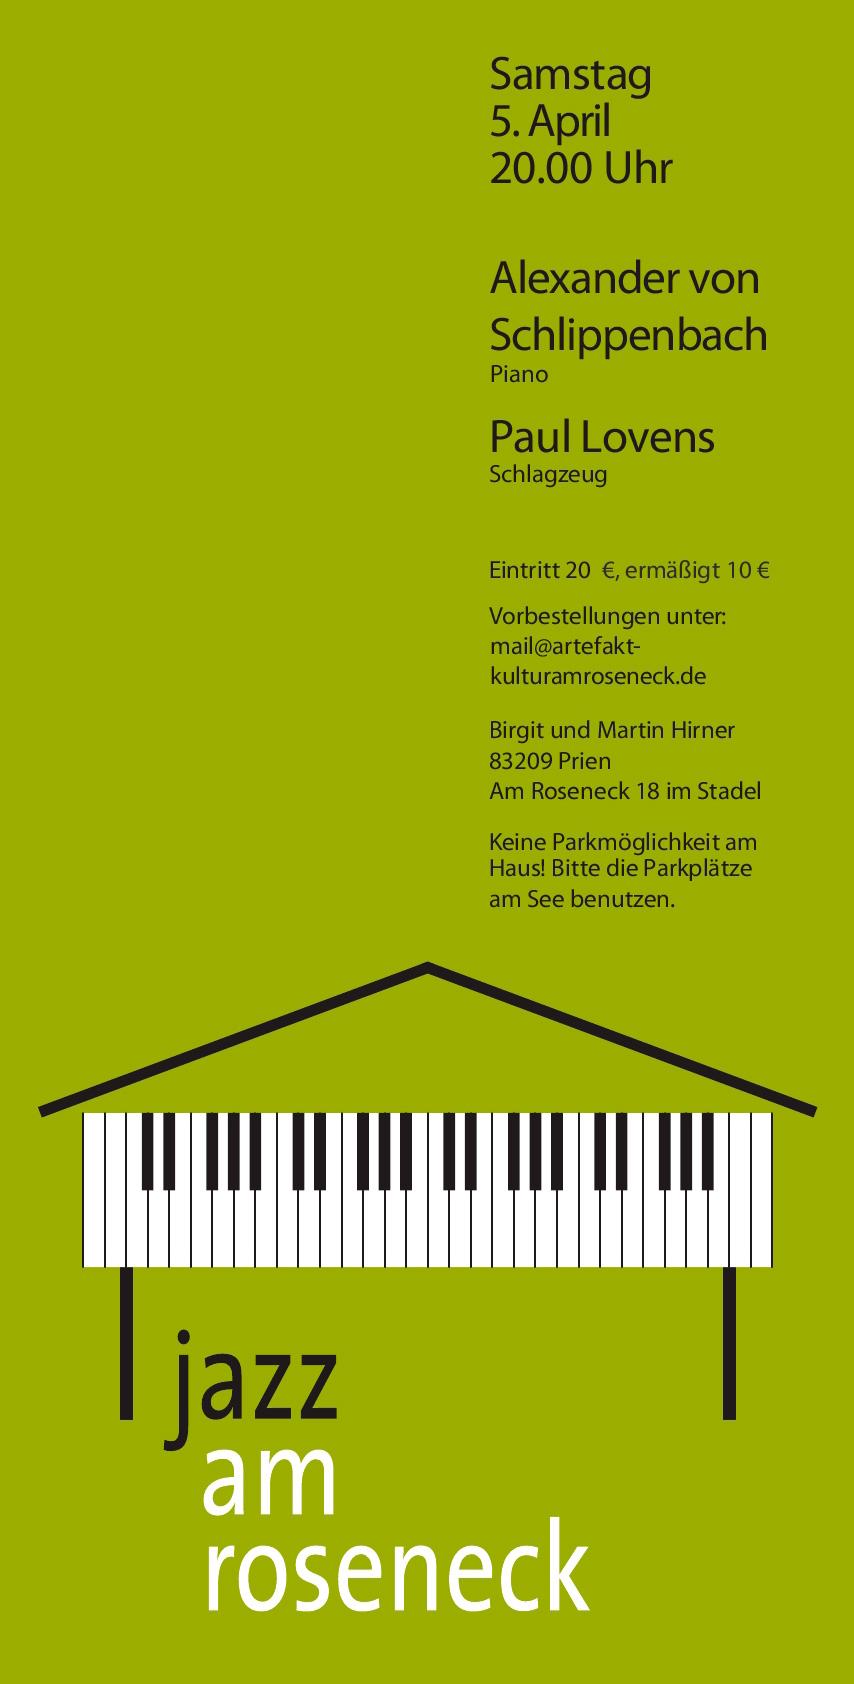 Konzert 4: Alexander von Schlippenbach | Salon21